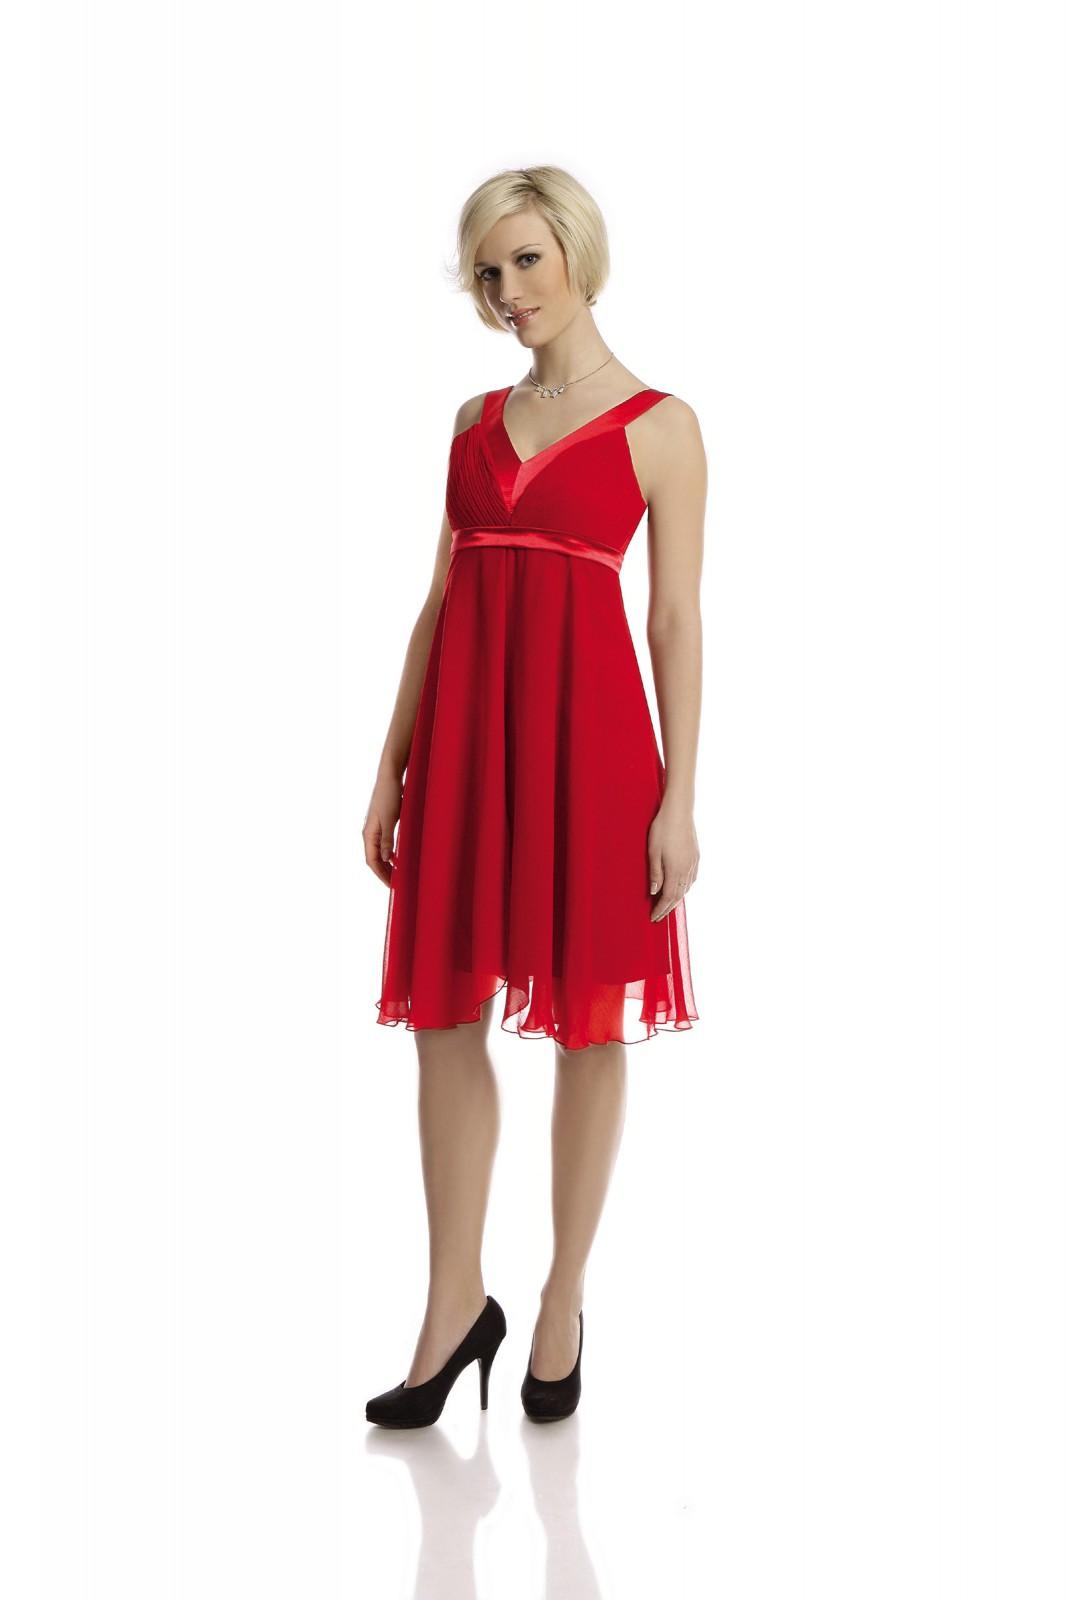 Rote Partykleider aus luftigem Chiffon bei kleider-boutique.de - ...